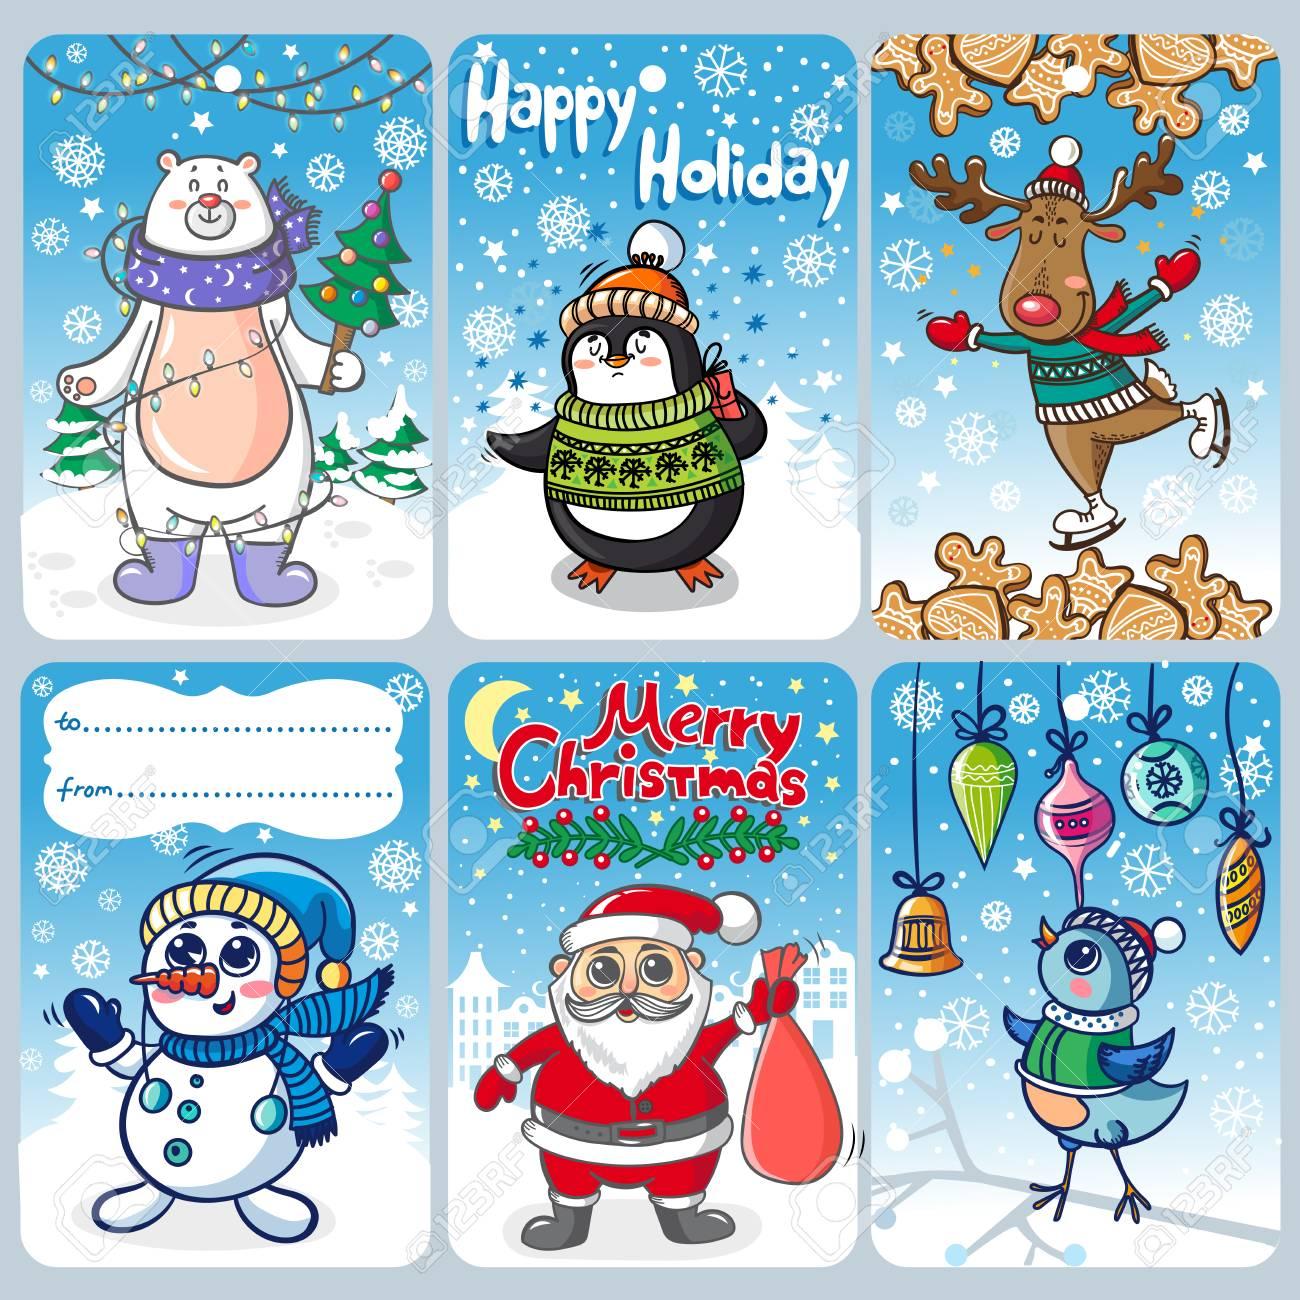 Carte De Noel Droles.Cartes De Noël Avec Des Personnages Drôles